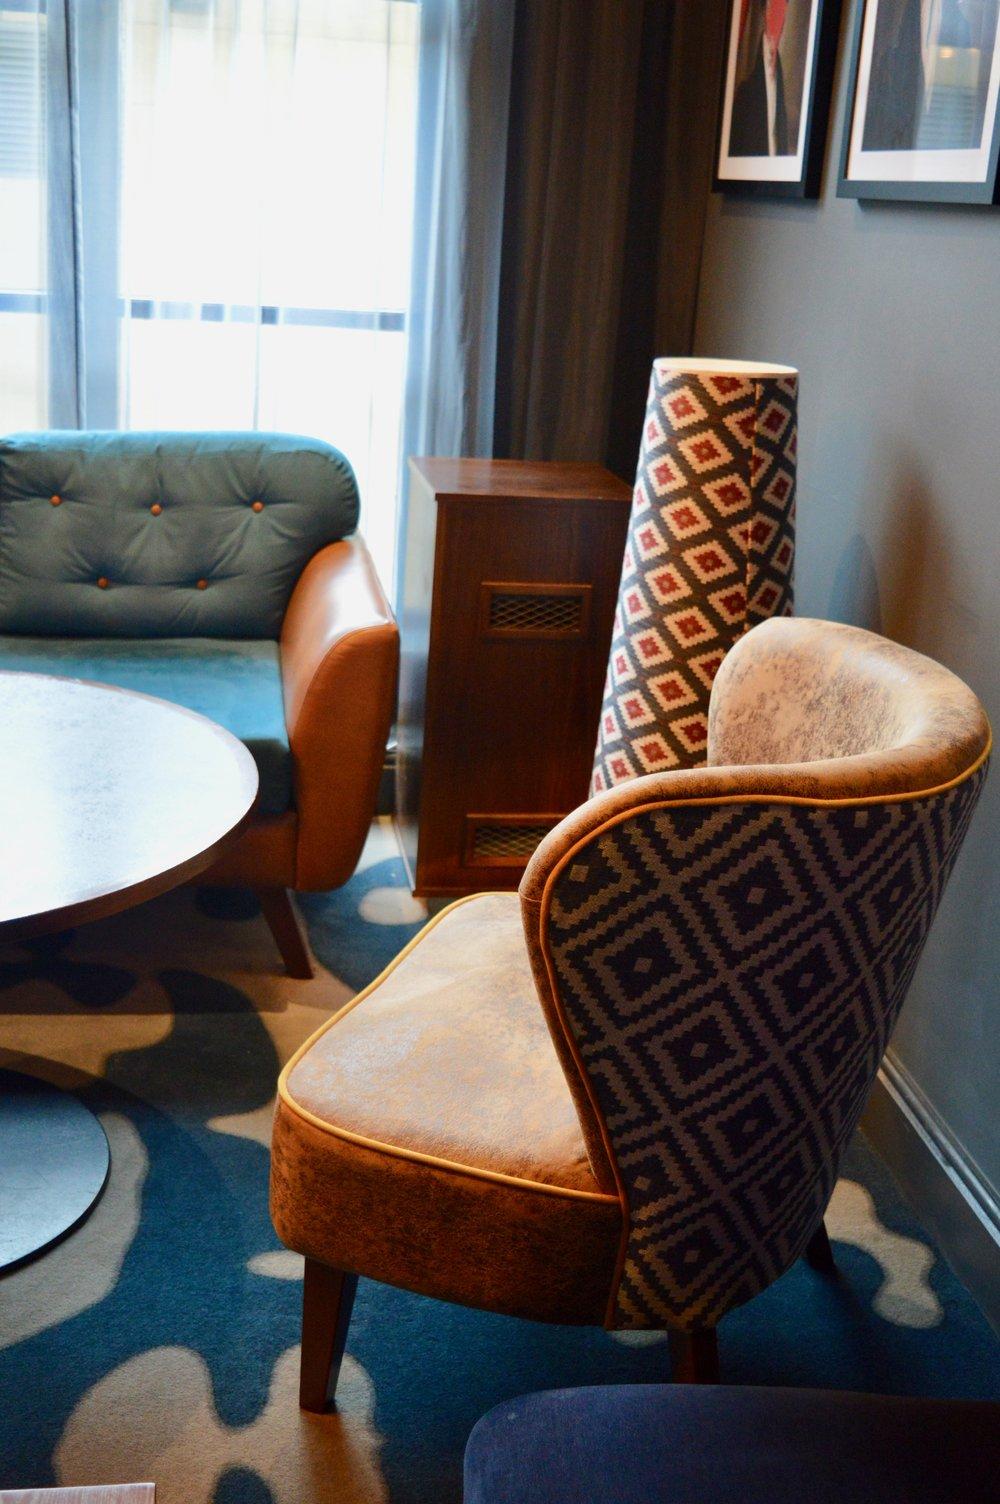 chez_mal_malmaison_newcastle_bar_launch_boutique_hotel_elle_blonde_luxury_lifestyle_blog-2